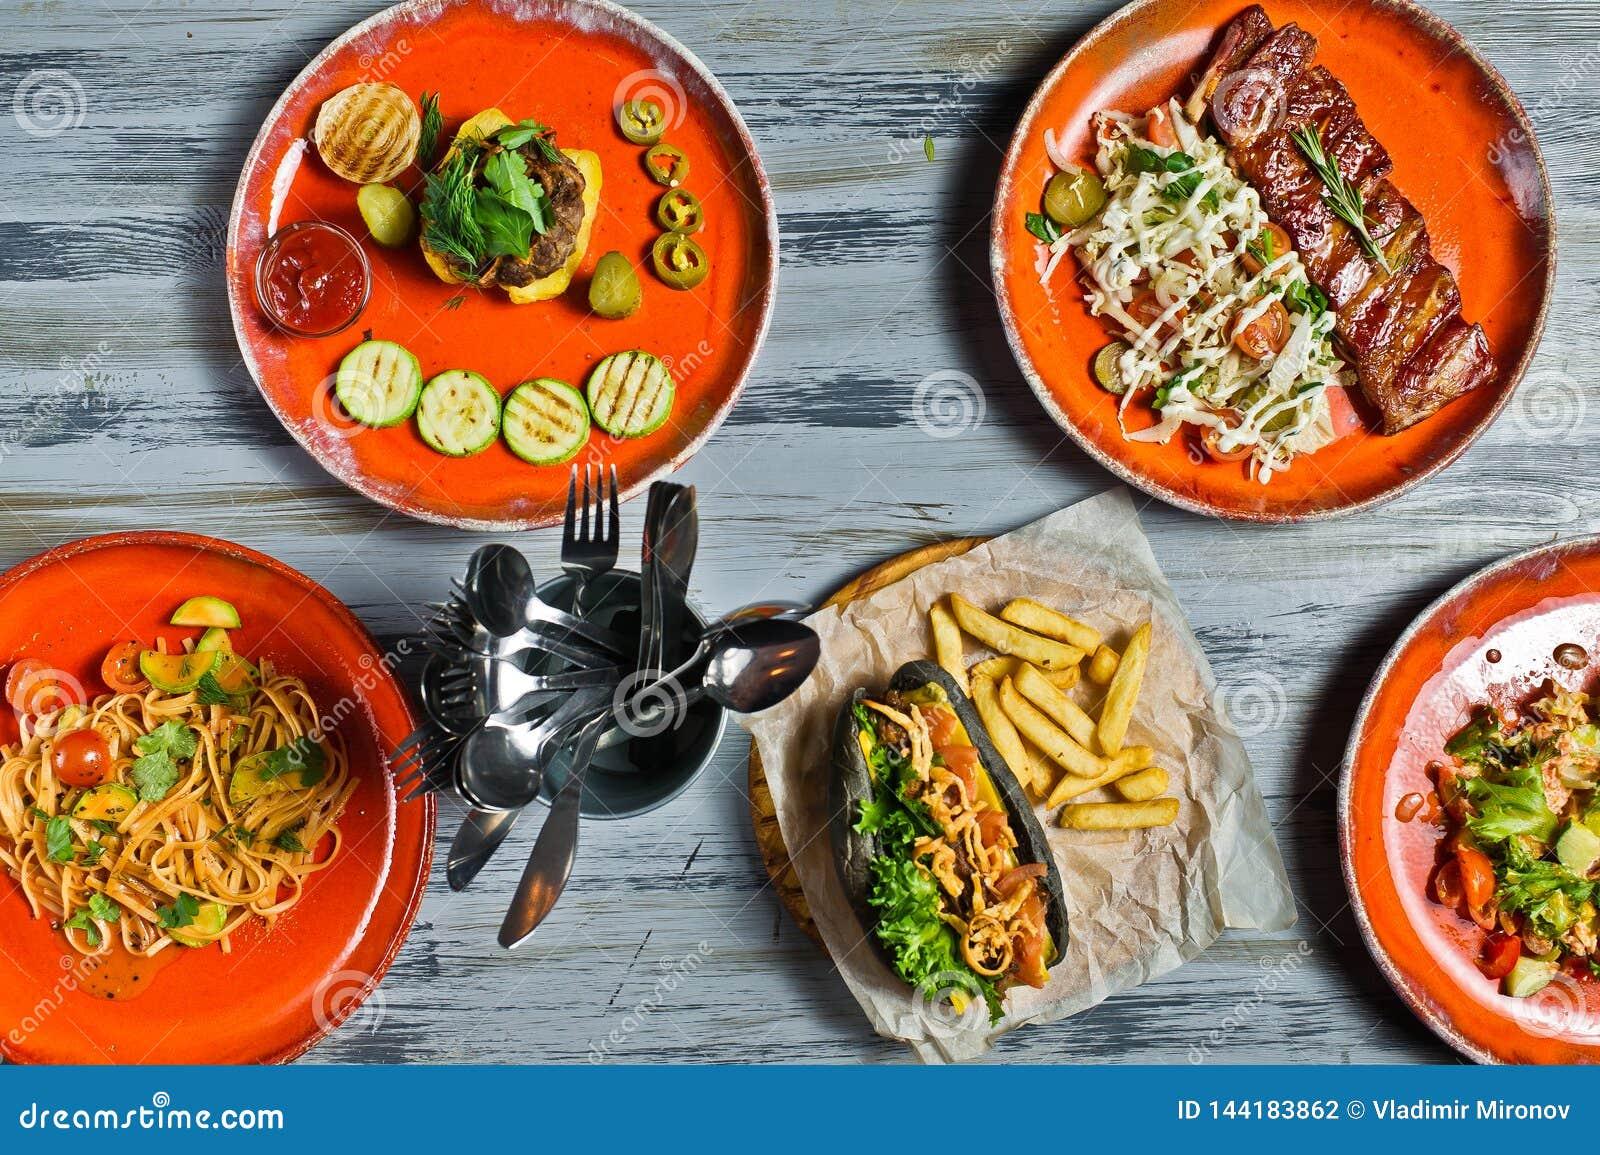 Хот-дог концепции банкета меню ресторана обеда мяса гриля еды шведского стола, нервюры свинины барбекю, стейк, затир Carbonara и